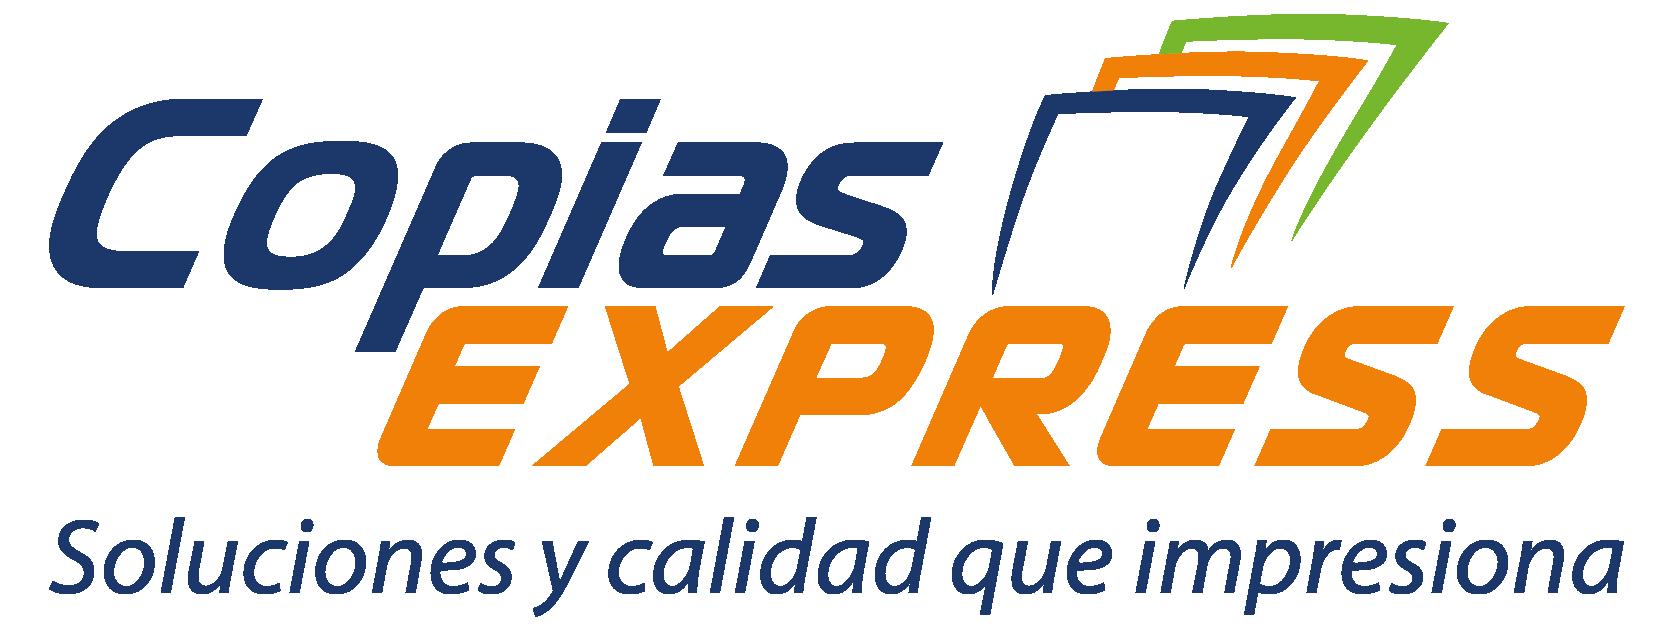 Copias Express